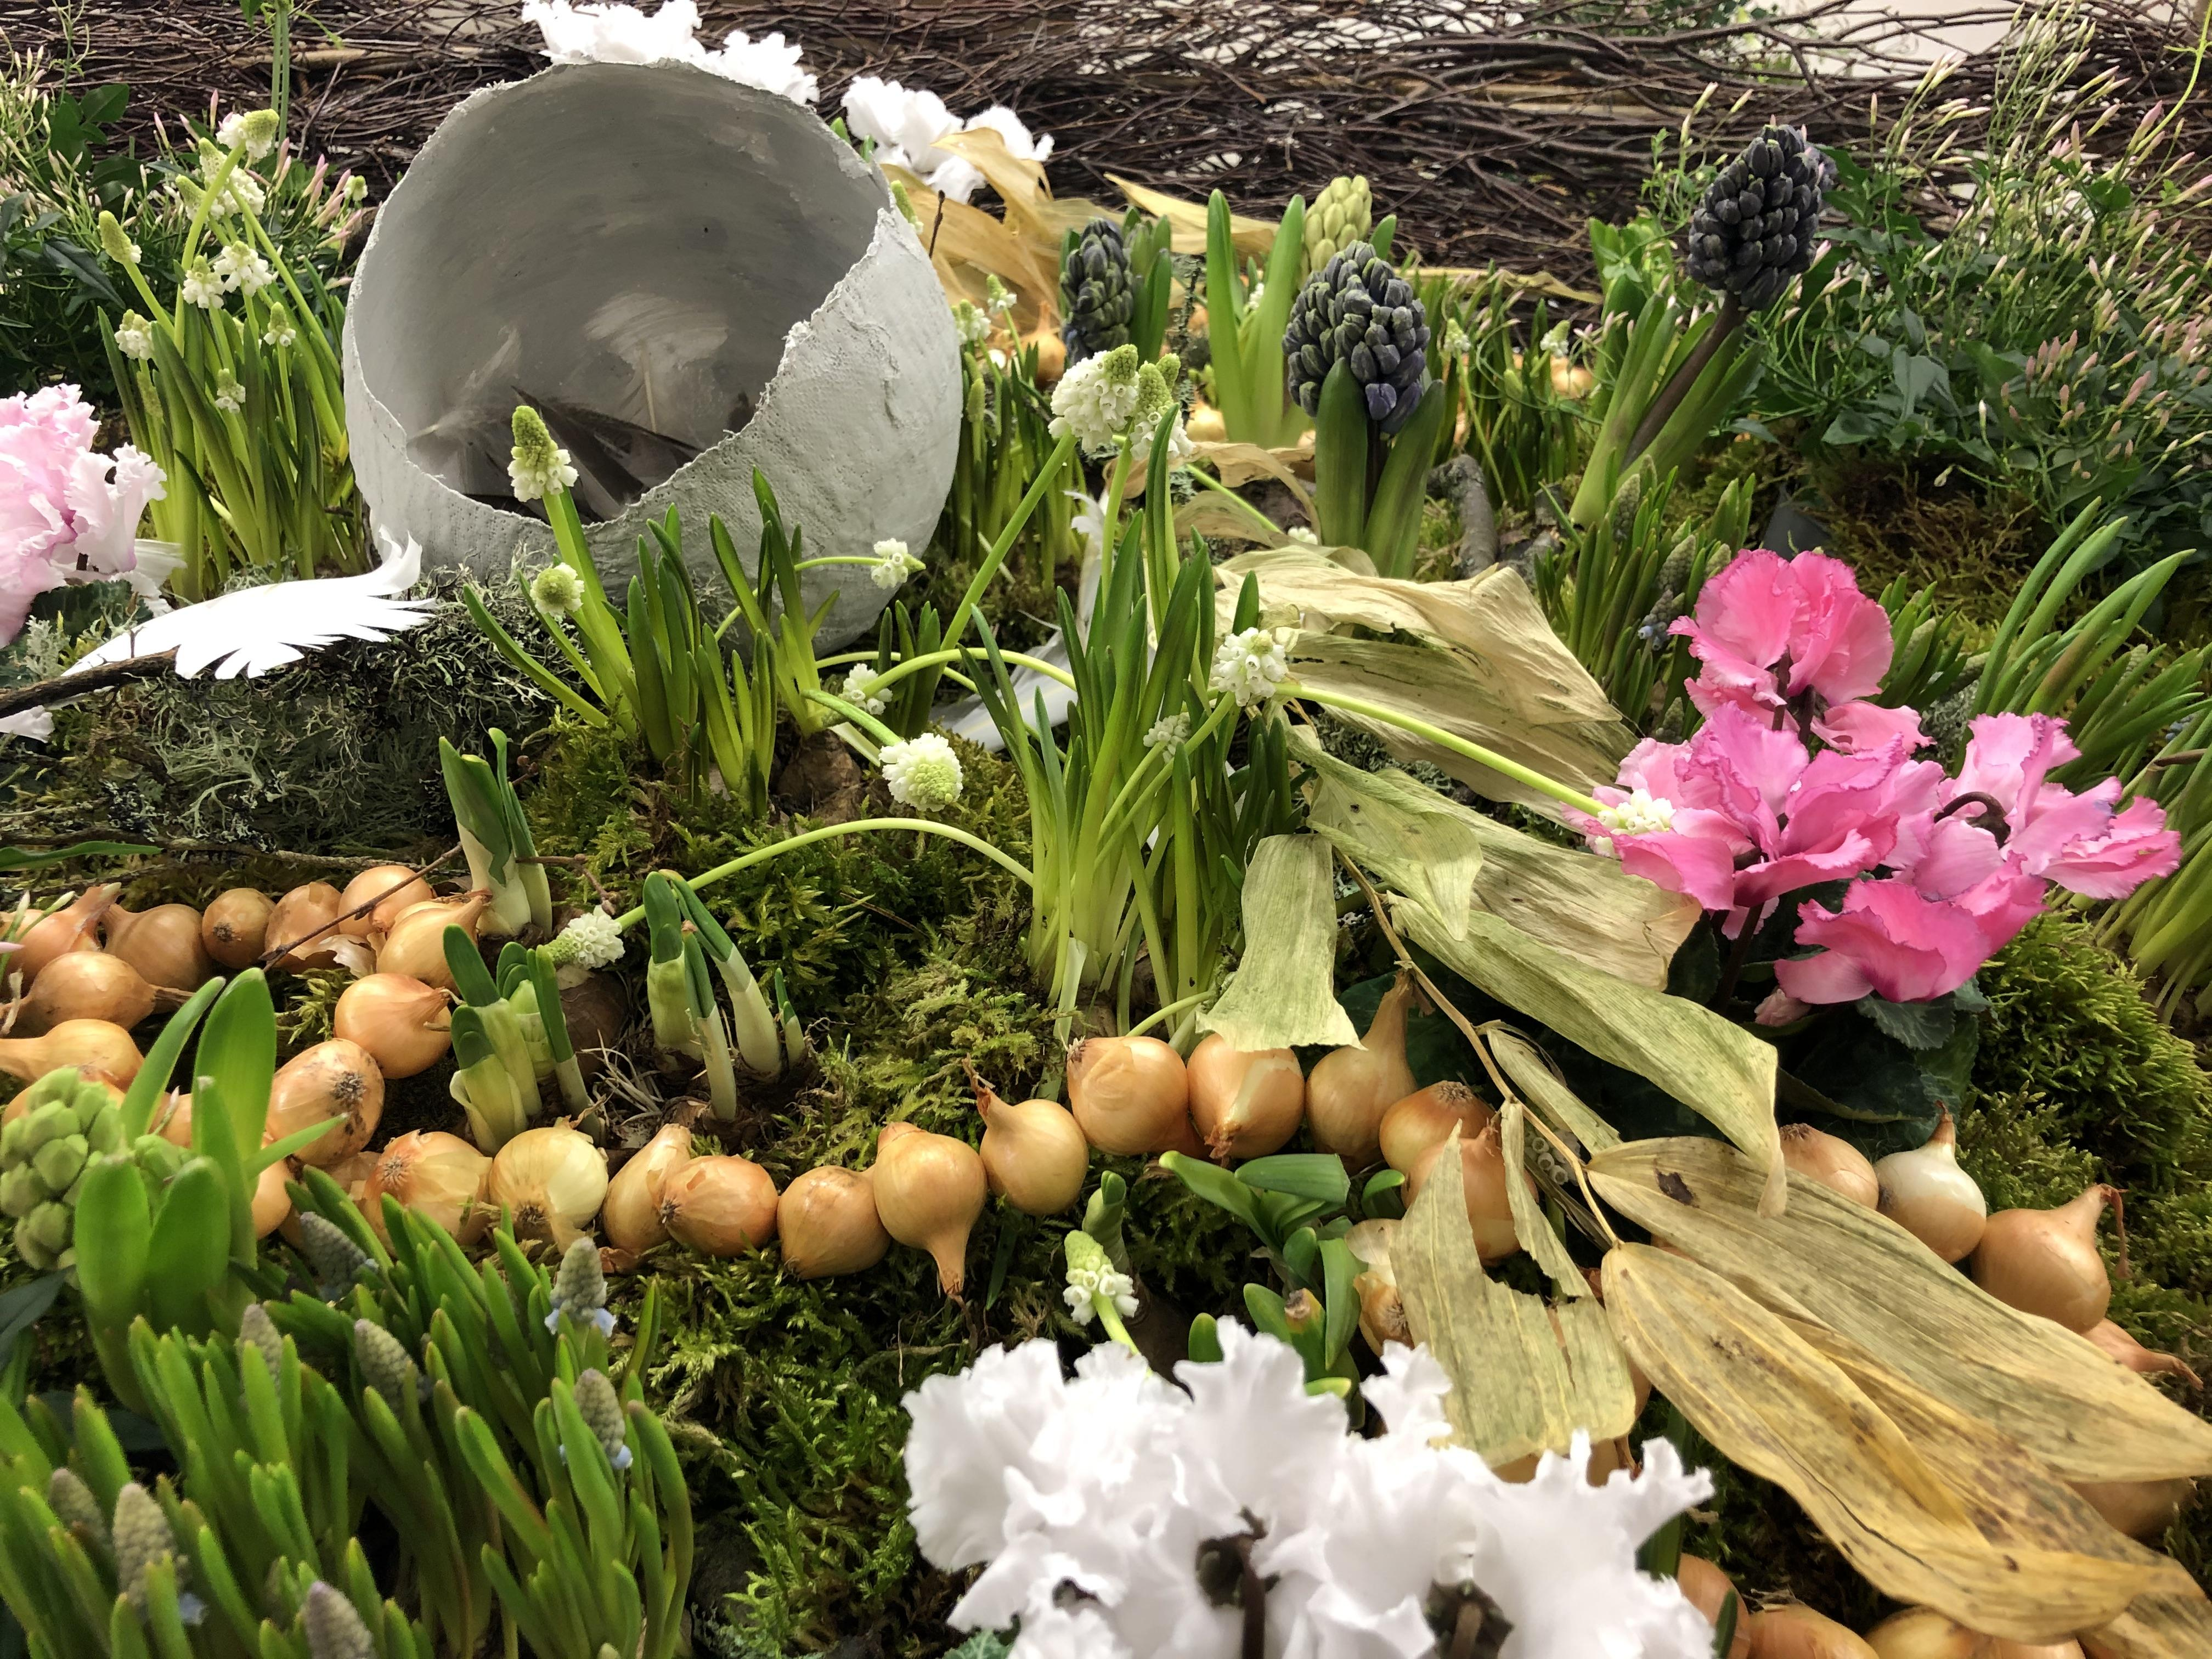 Hiiumaa Ametikooli floristide kevadseade 2021